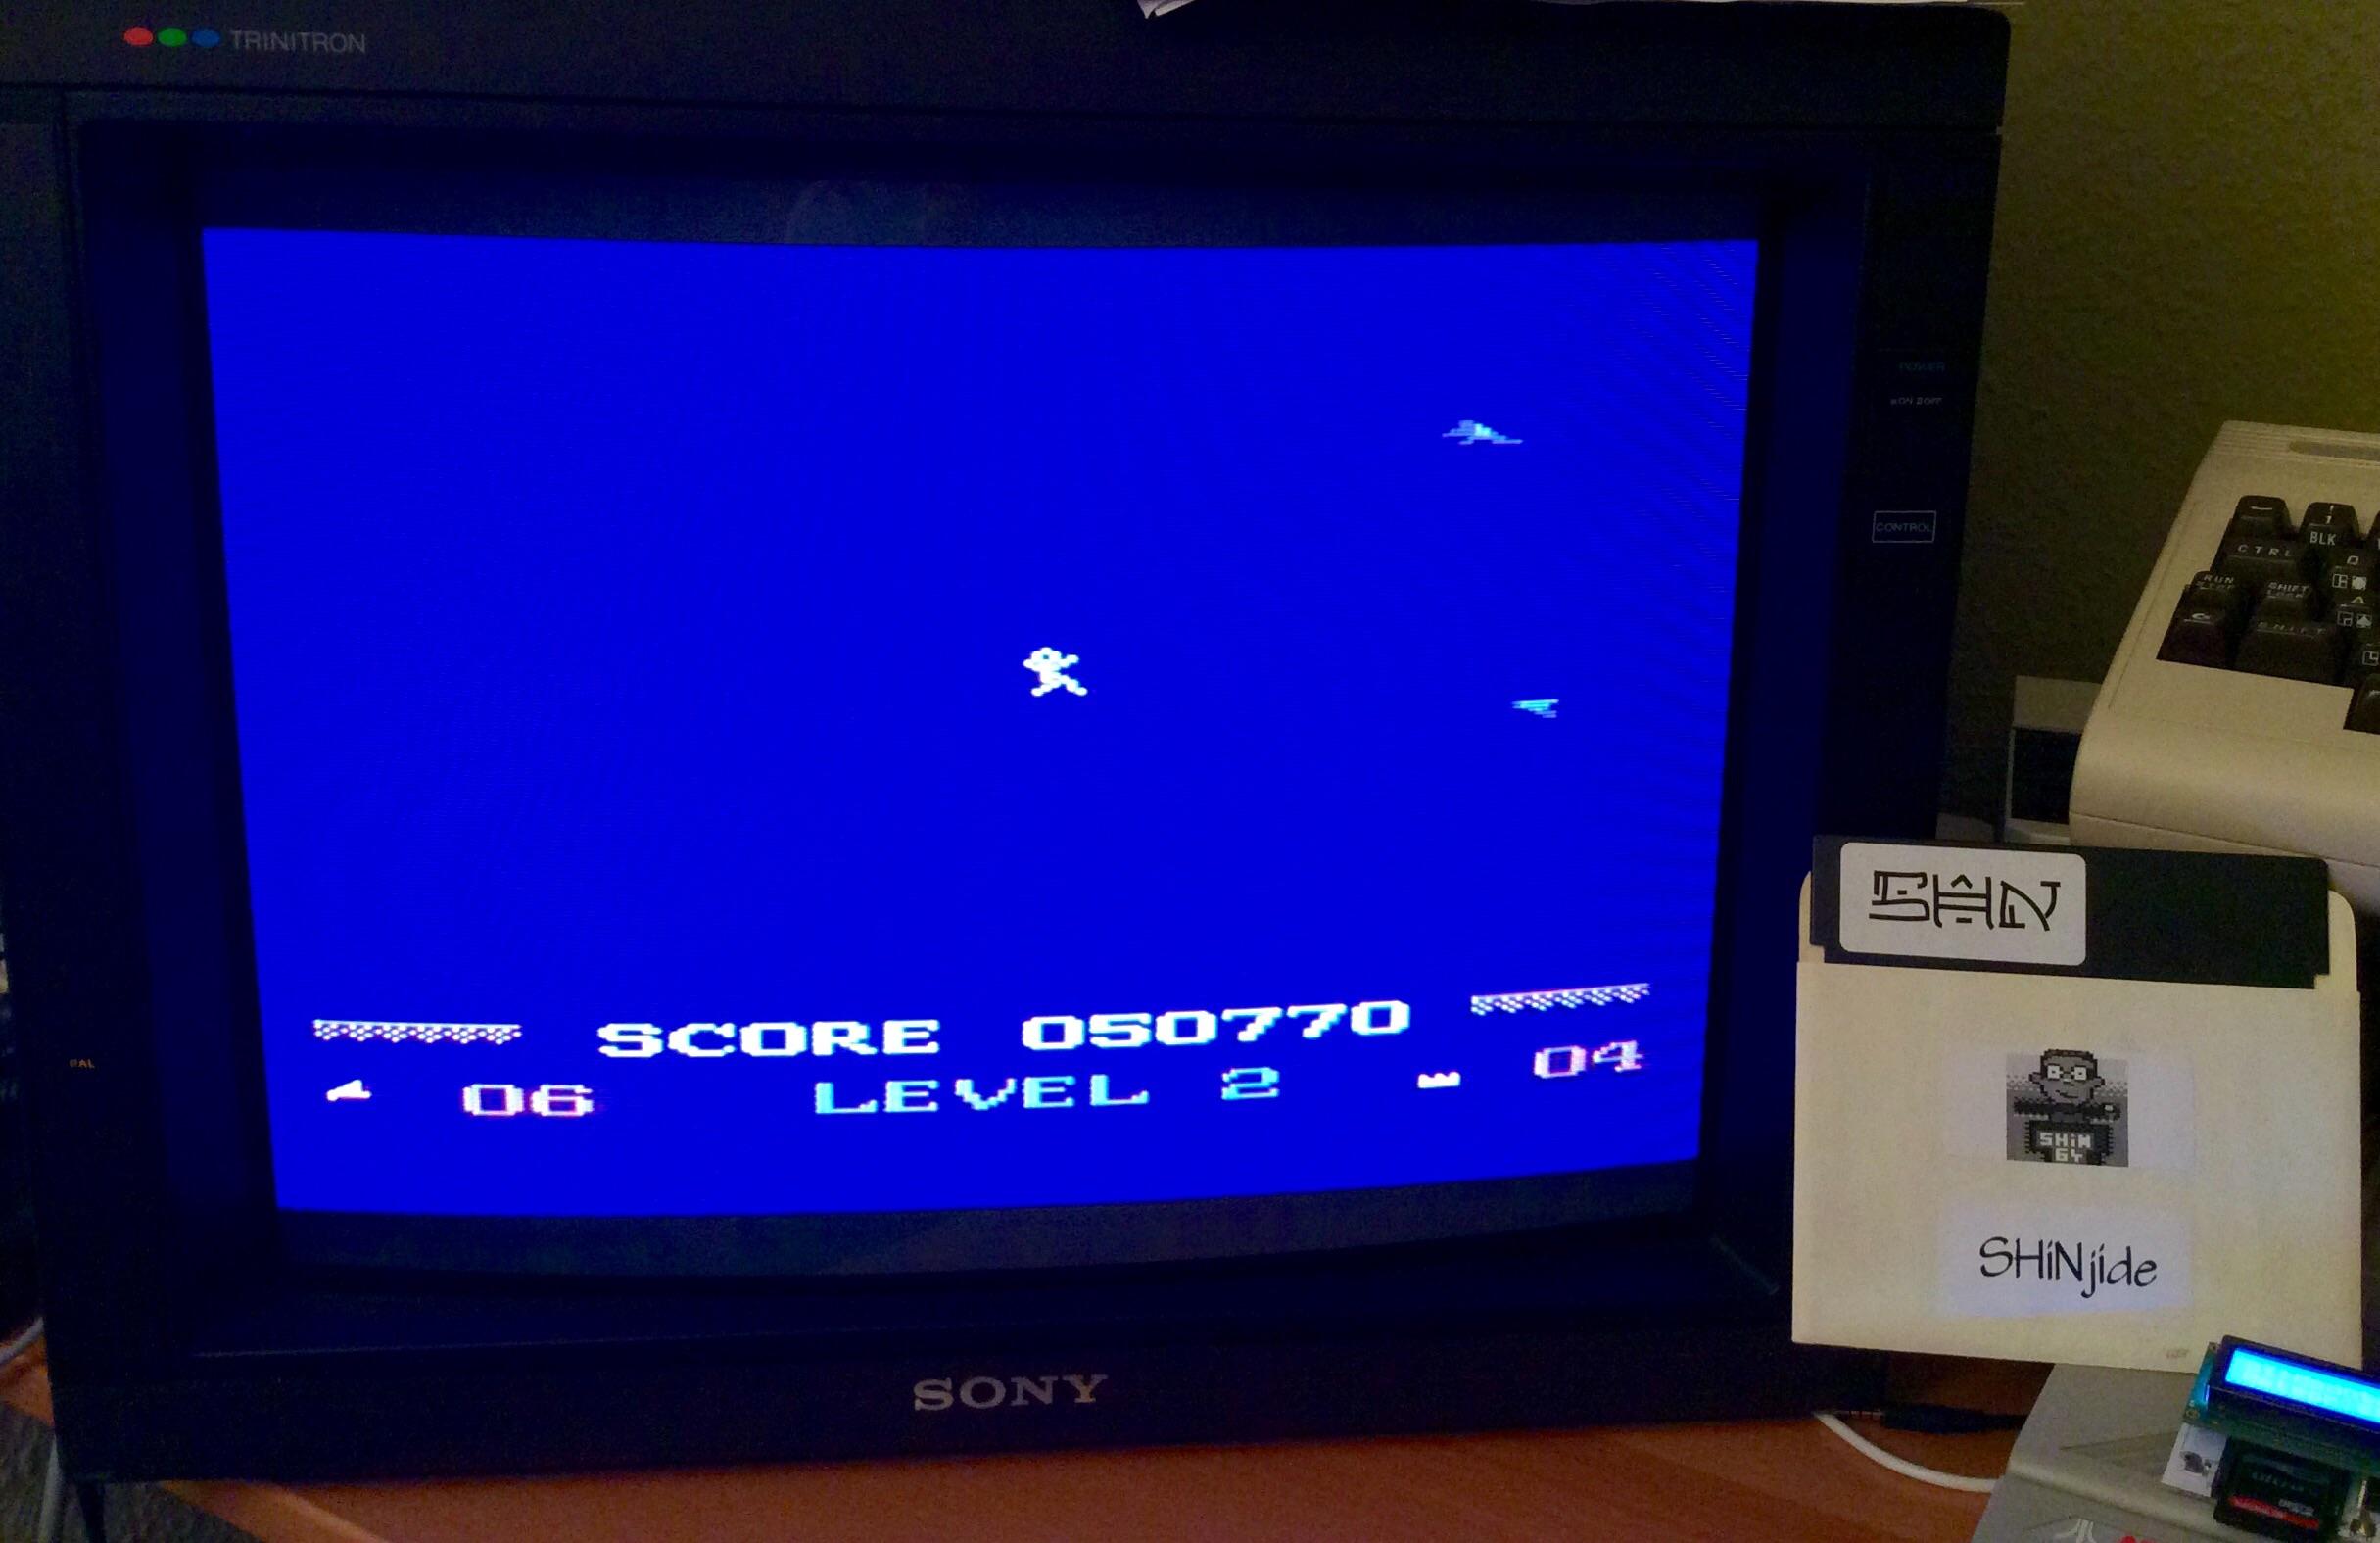 SHiNjide: Mountain King (Atari 400/800/XL/XE) 50,770 points on 2015-01-24 14:39:07